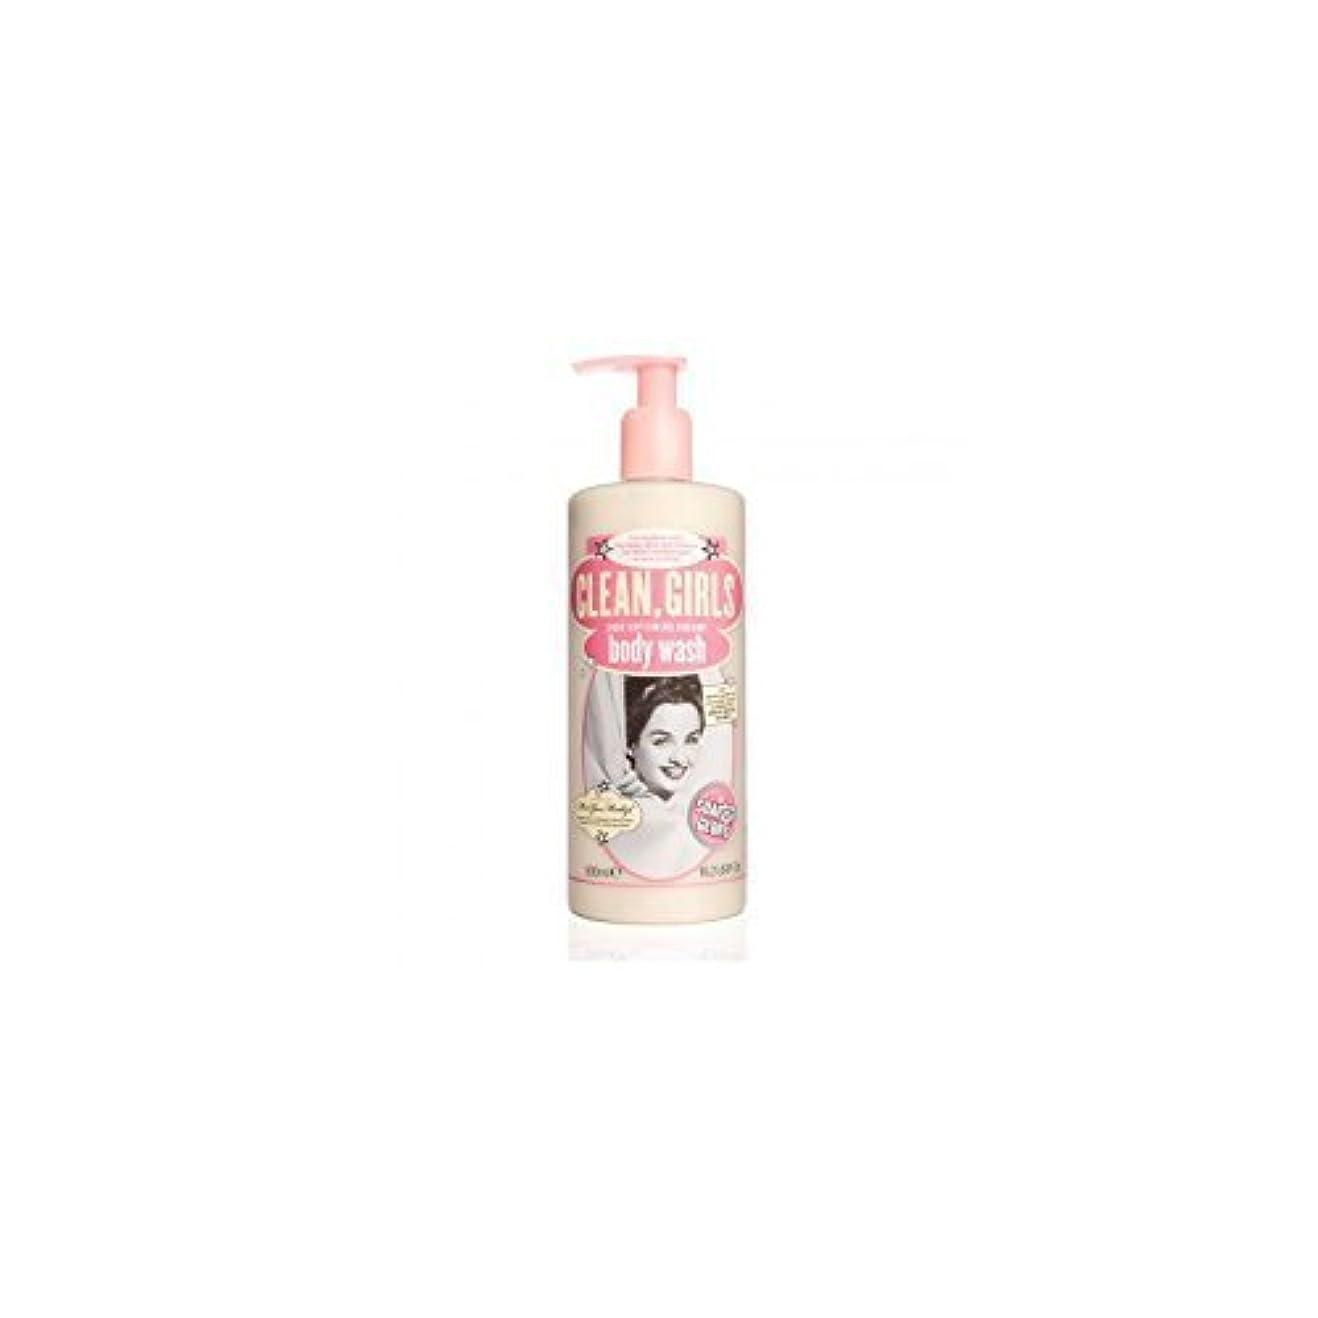 配列資格ブランドSoap & Glory Clean Girls Body Wash 500ml by Trifing